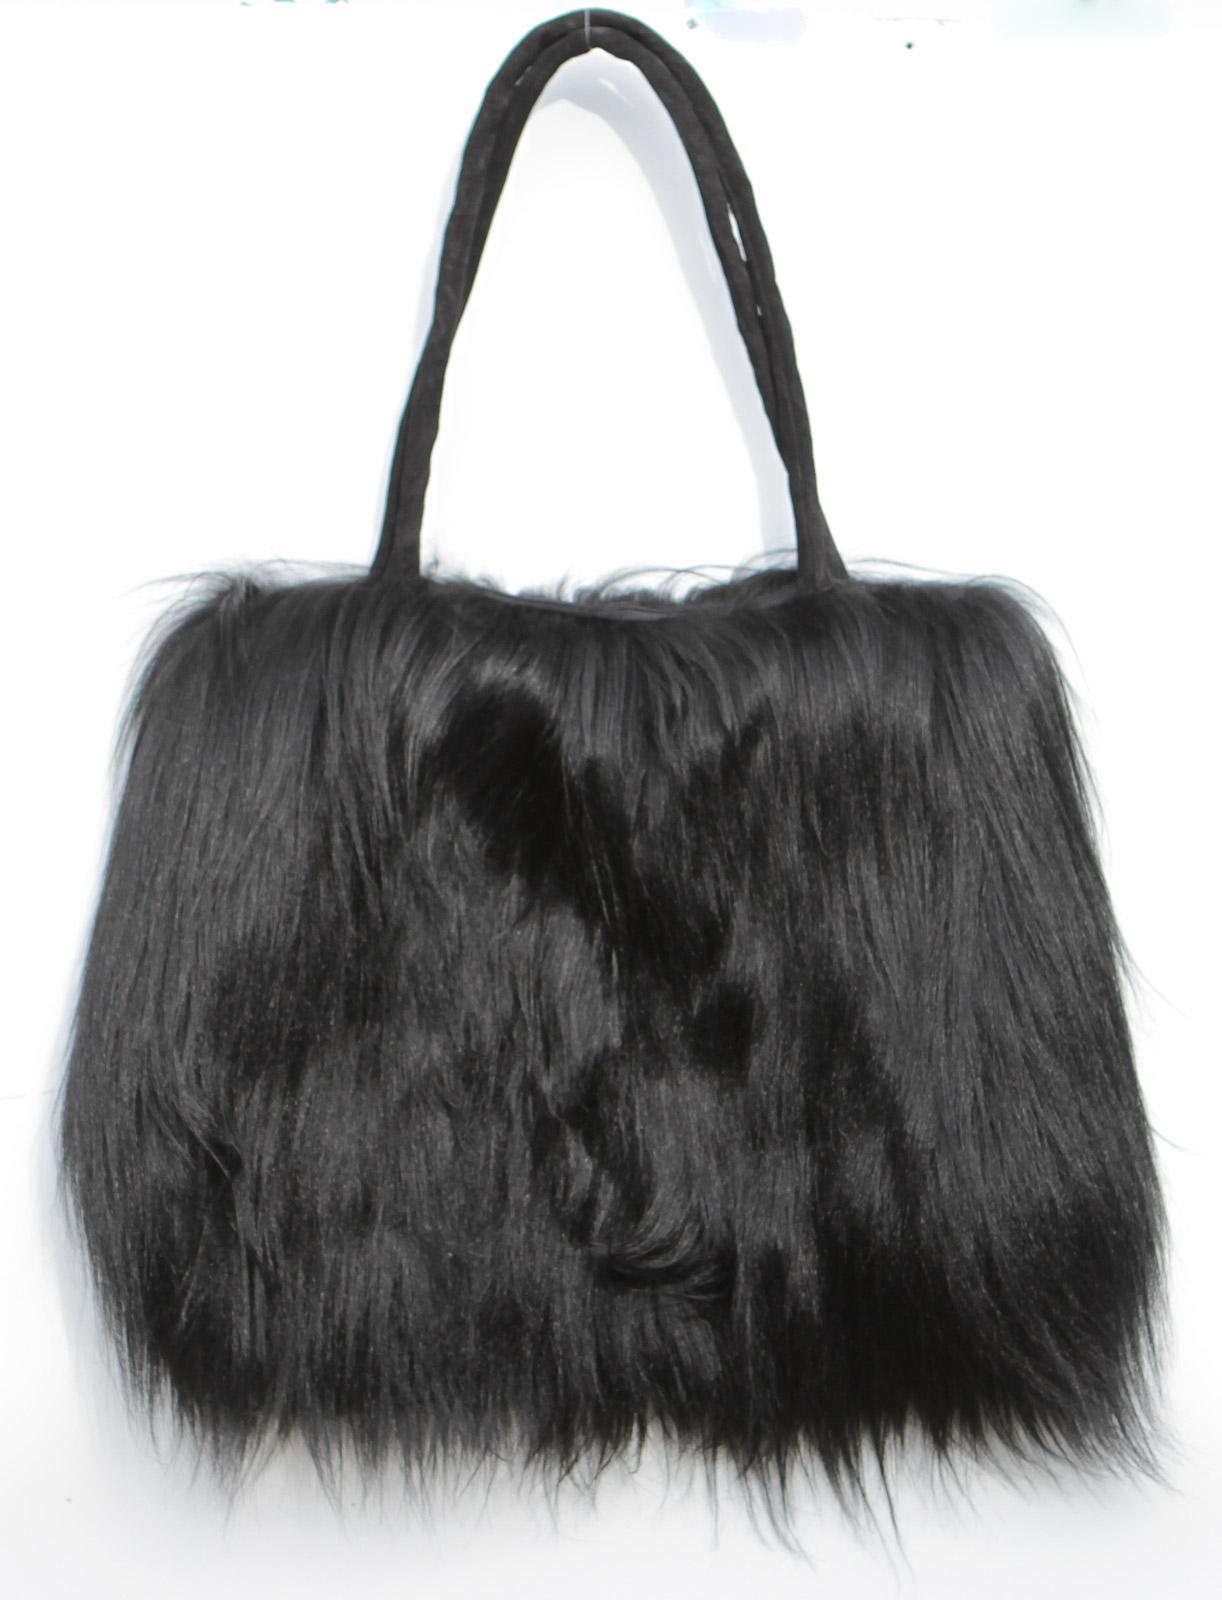 Damen Handtasche aus langhaarigem Ziegenfell